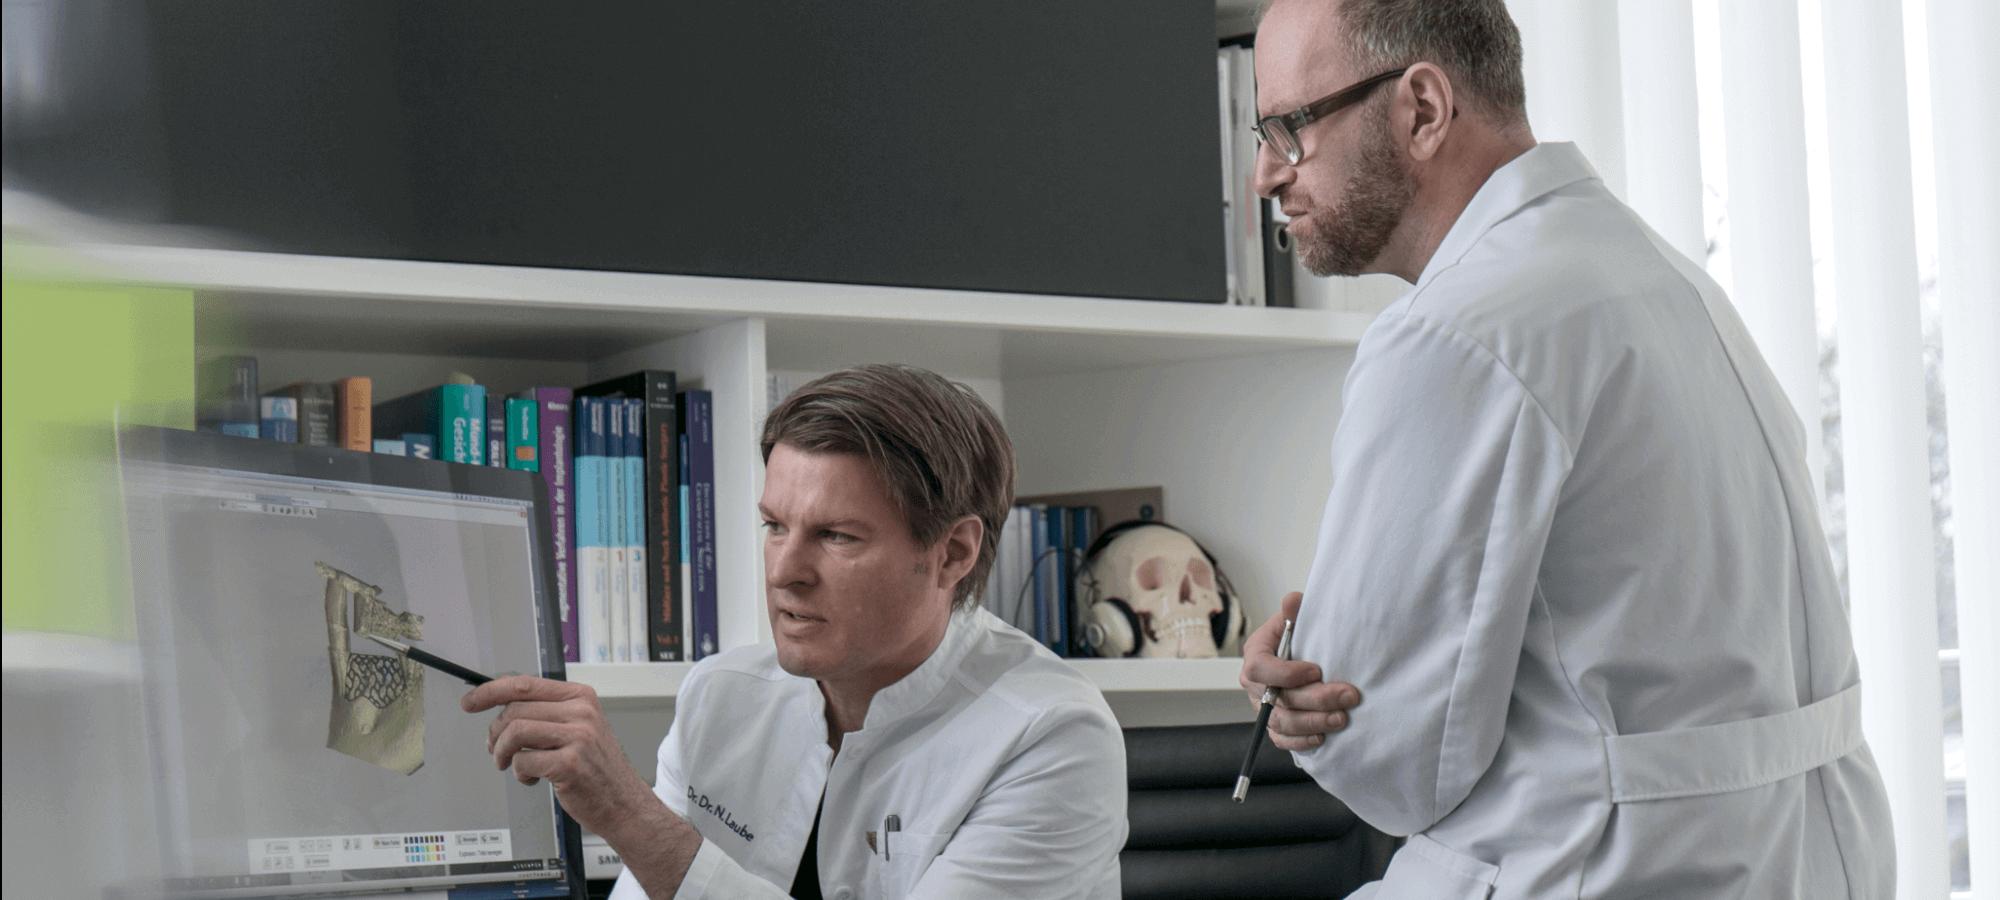 Implantologie 3D-Implantat | groisman & laube